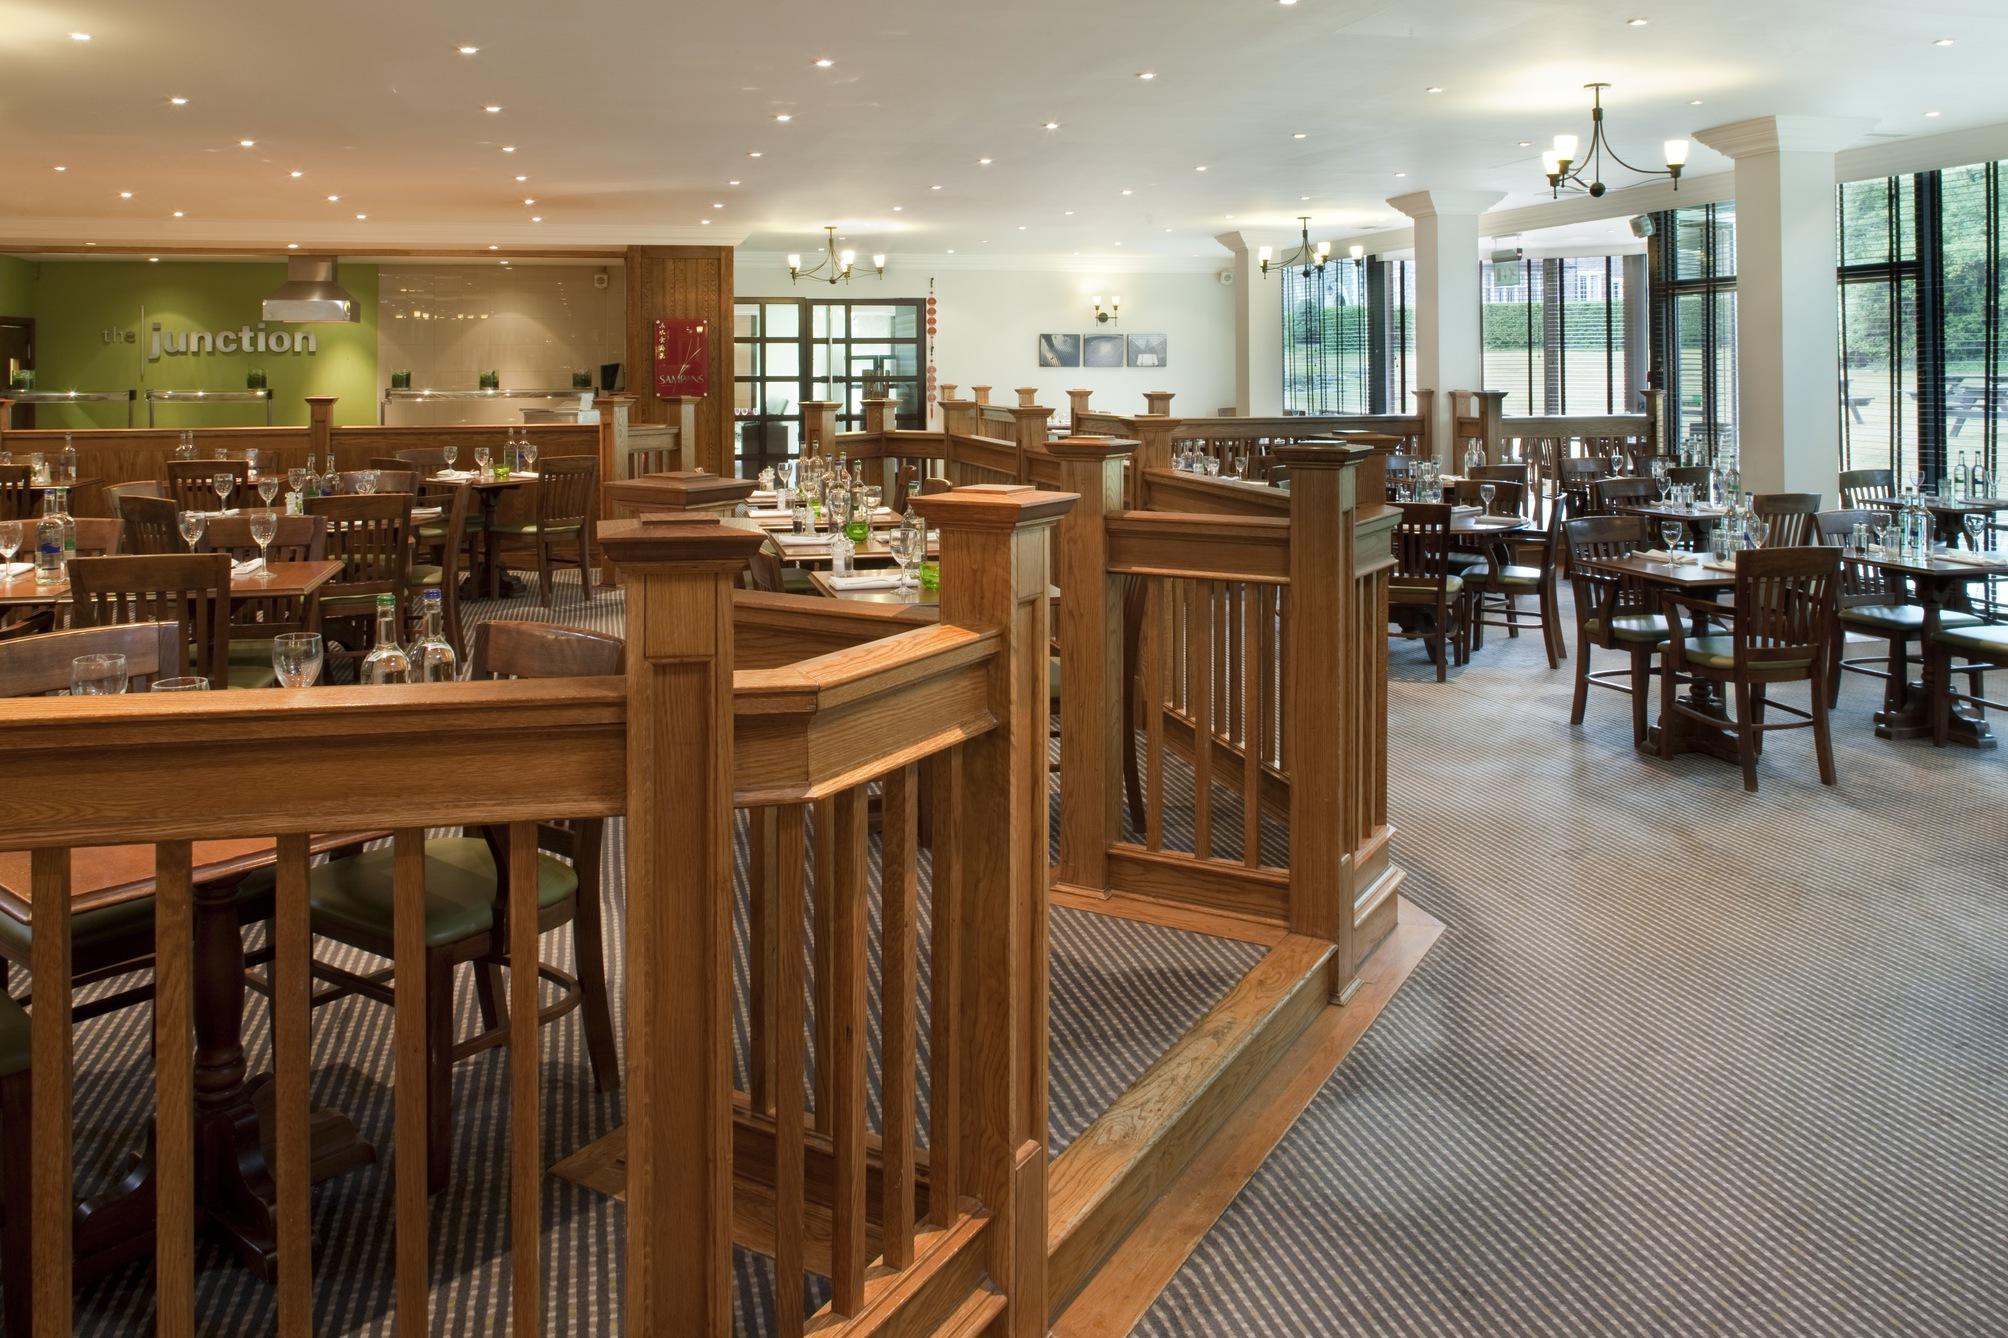 HotelHoliday Inn Filton Bristol